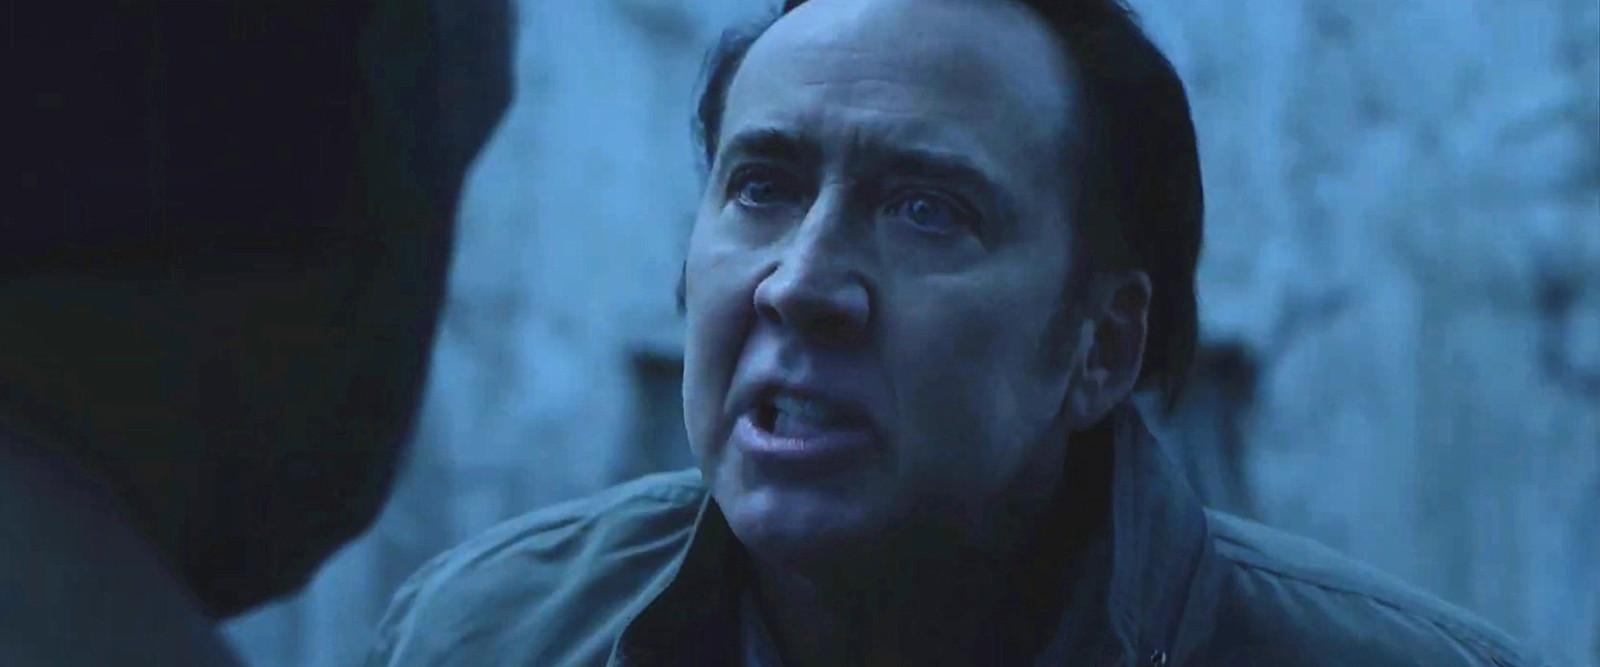 尼古拉斯·凯奇主演,聚焦贩毒网络的《与魔随行》发布首支预告